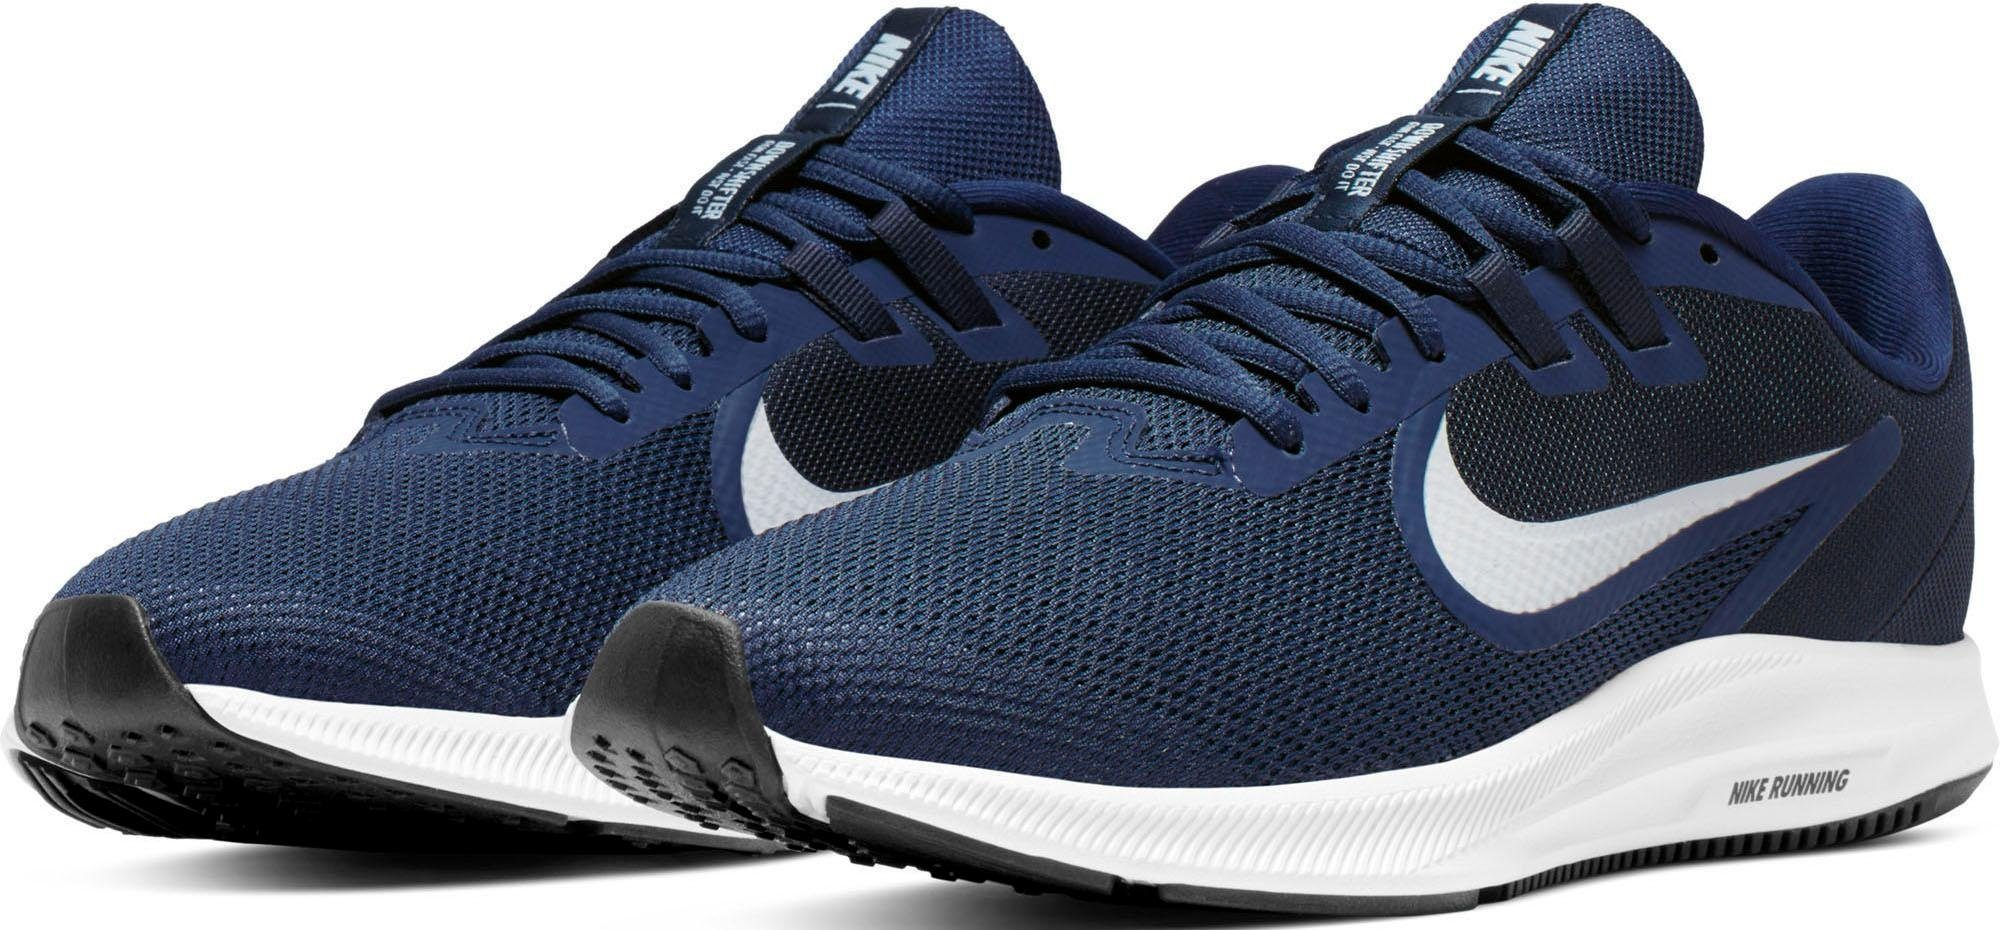 ist und überarbeitete Nike kaufenOTTO weich online Mittelsohle widerstandsfähig »Downshifter 9« LaufschuhDie e29HEDWIY